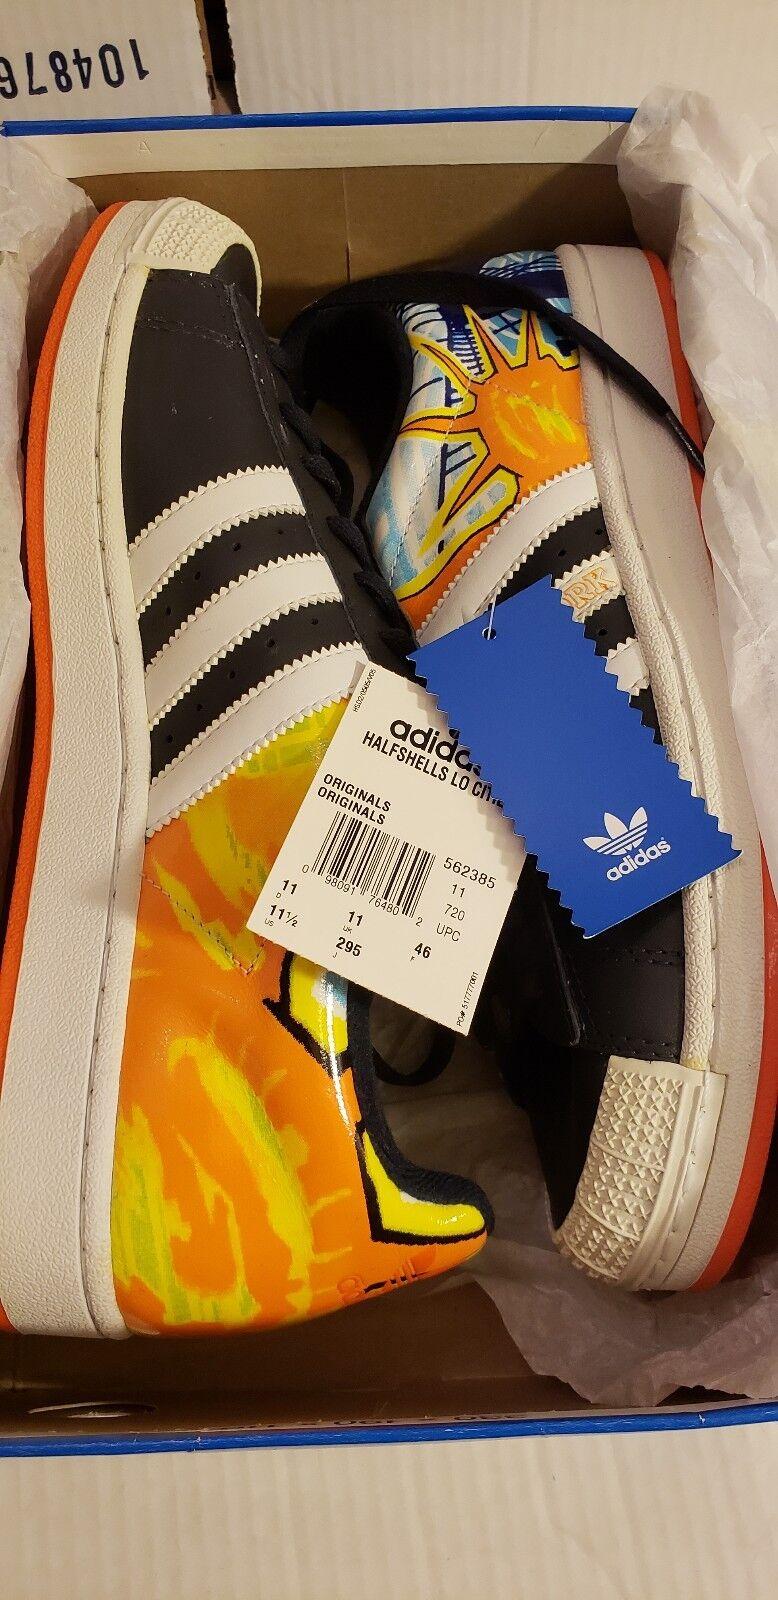 Für adidas halfshells halfshells halfshells lo citie nyc männer sportschuhe 562385 sz 11,5 28 gemeinden 0eb0aa